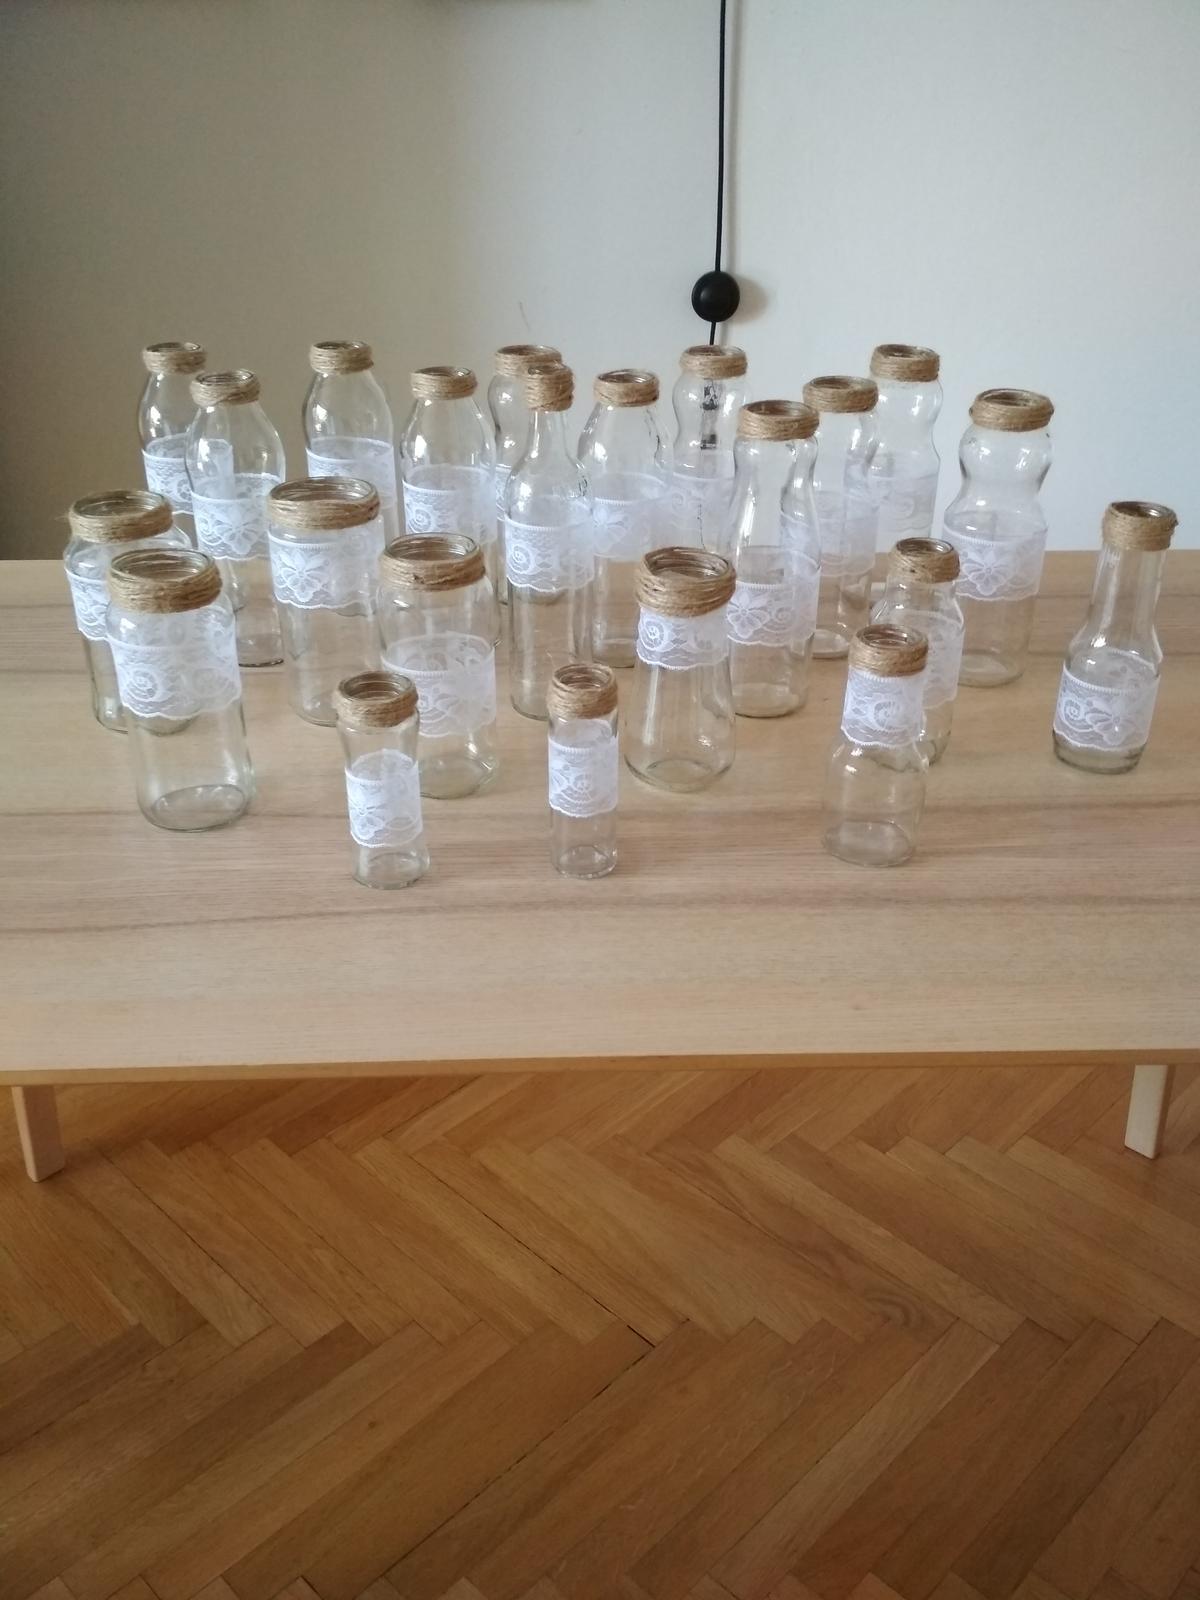 Sklenice a vázy na dekoraci (juta, krajka) 22ks - Obrázek č. 1